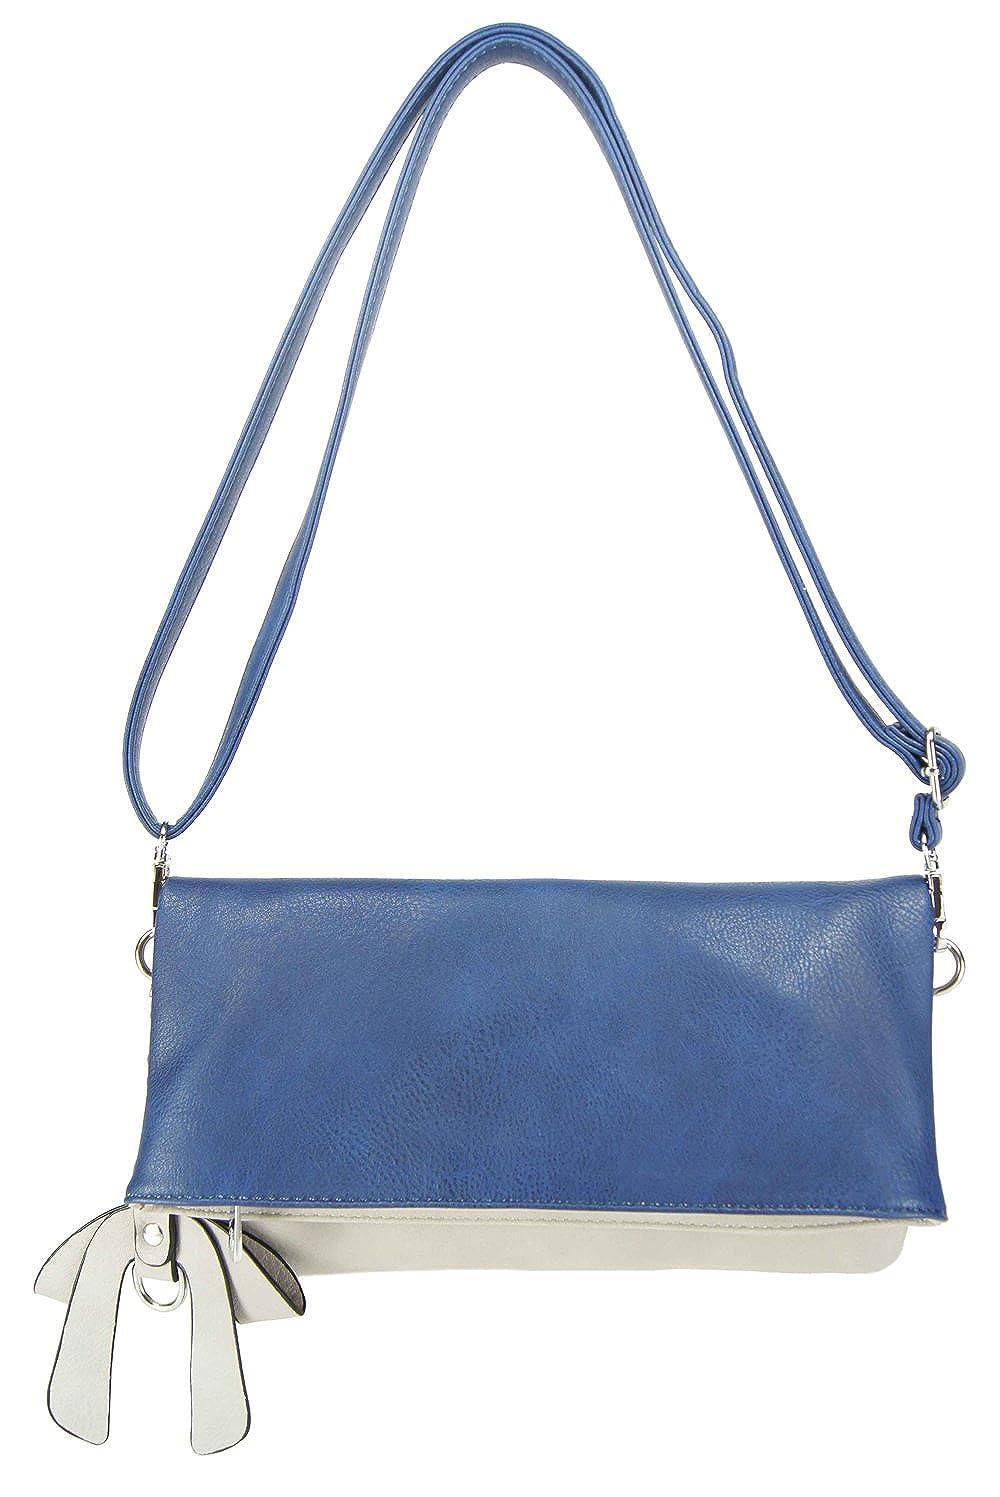 CASAdiNOVA Damen Tasche 2in1 Set Clutch Umhängetasche Modern Bag (Farbauswahl) Vegan Leder 29cm/16cm/3cm